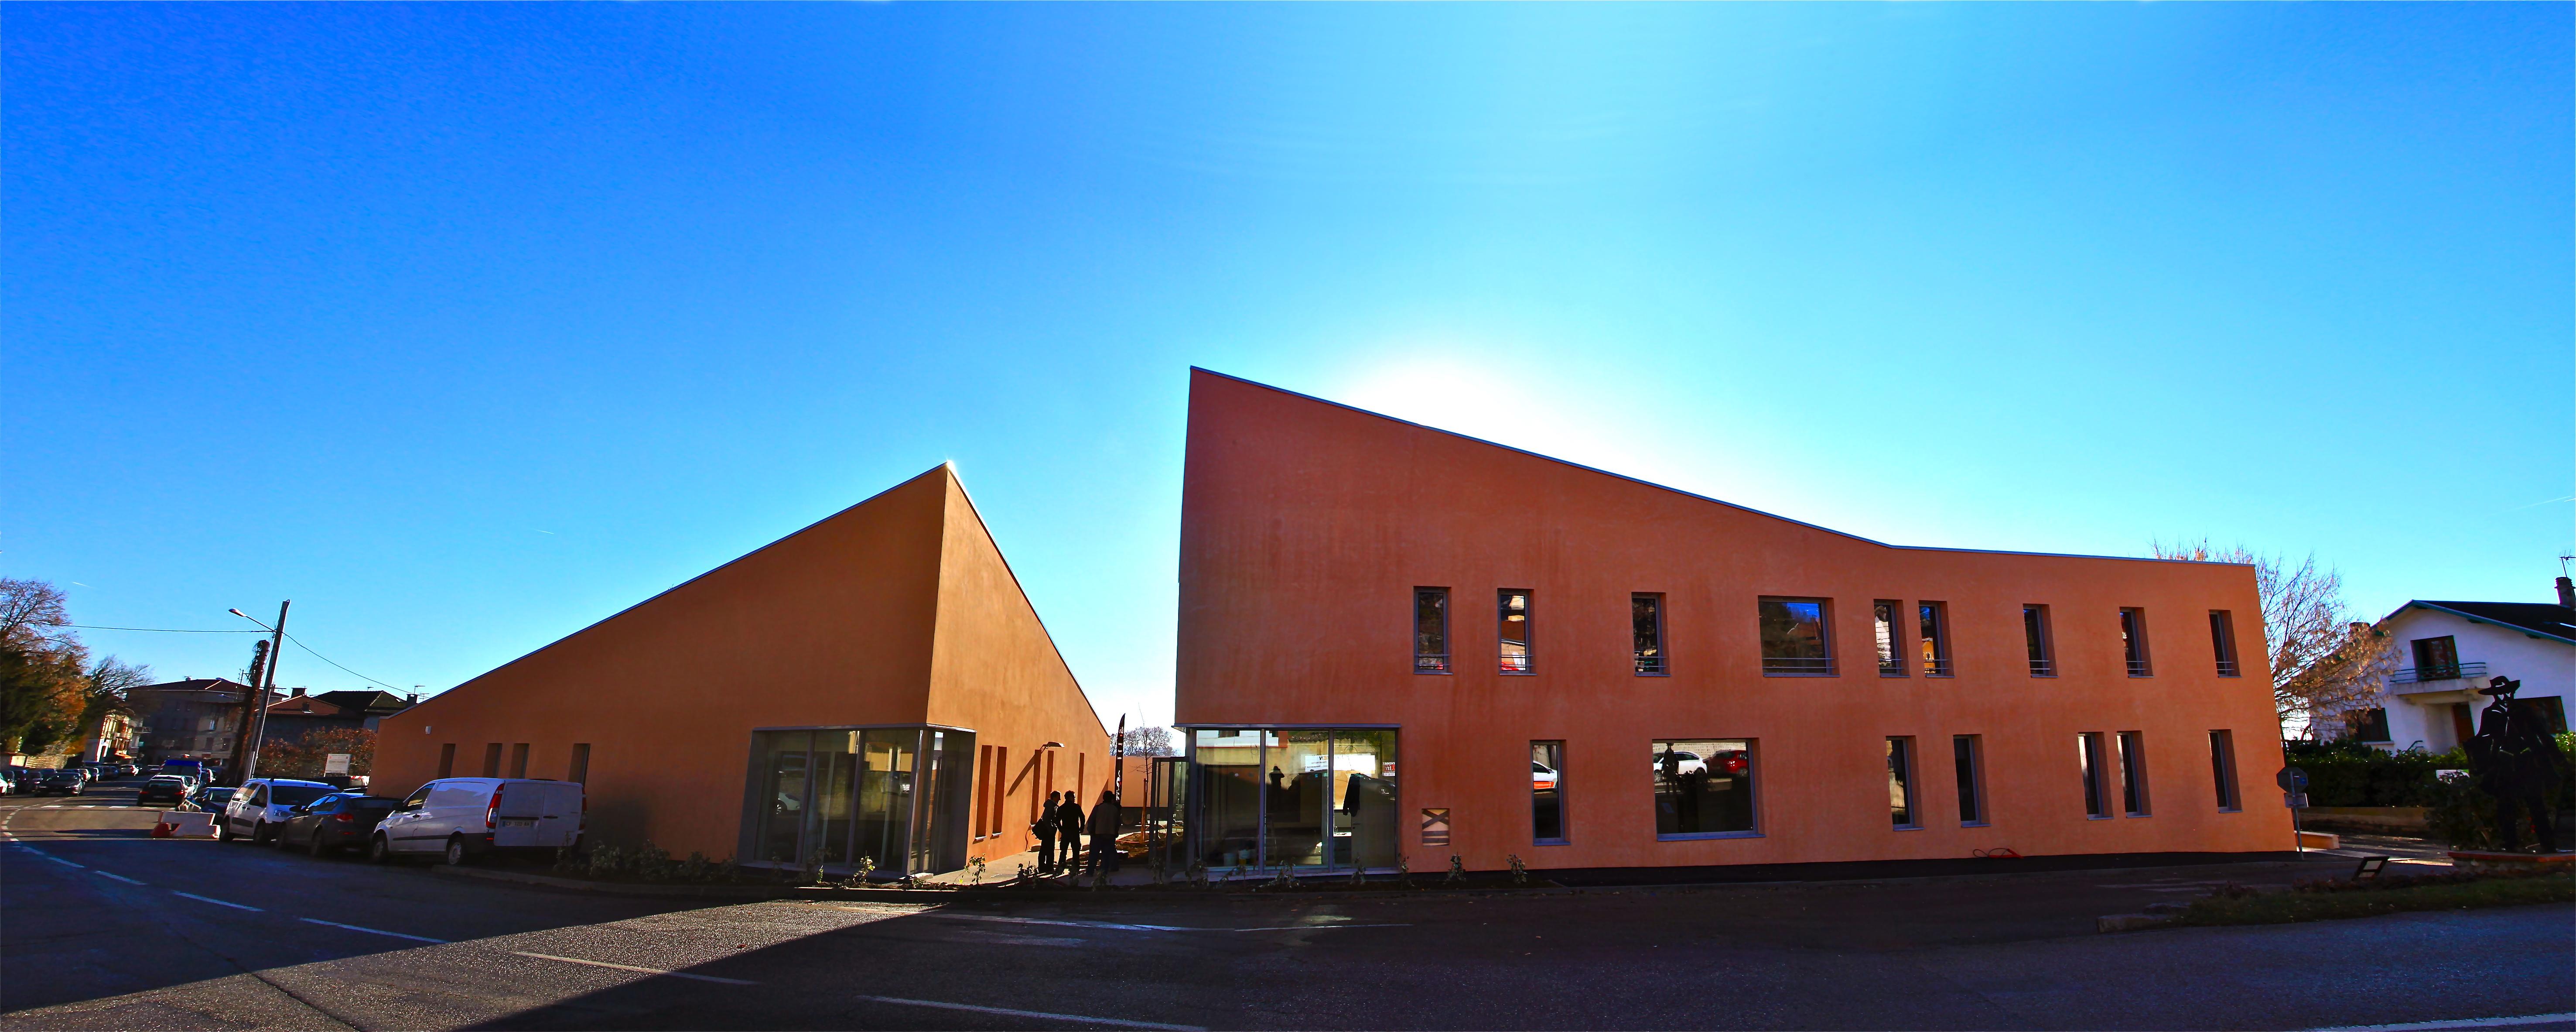 Maison de services au public les espaces d di s de for Piscine la cote st andre